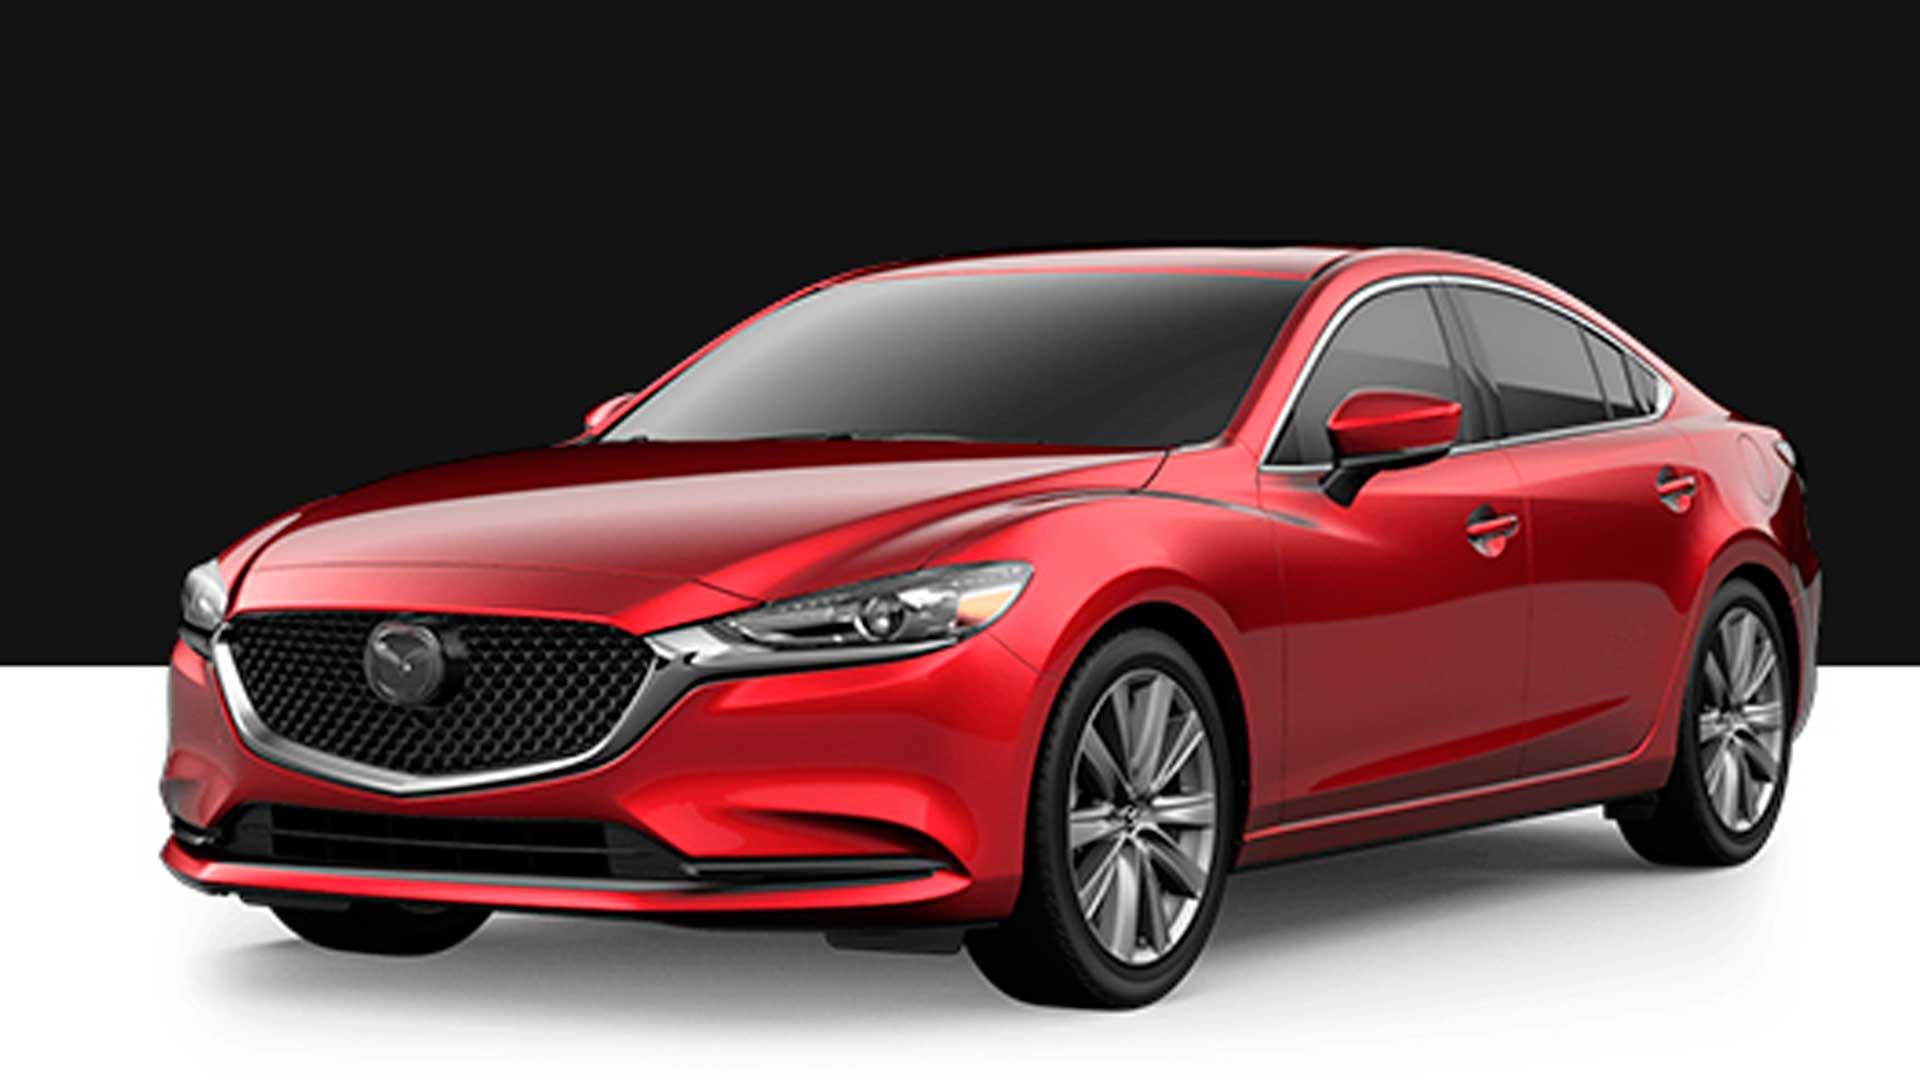 100 años de Mazda en imágenes